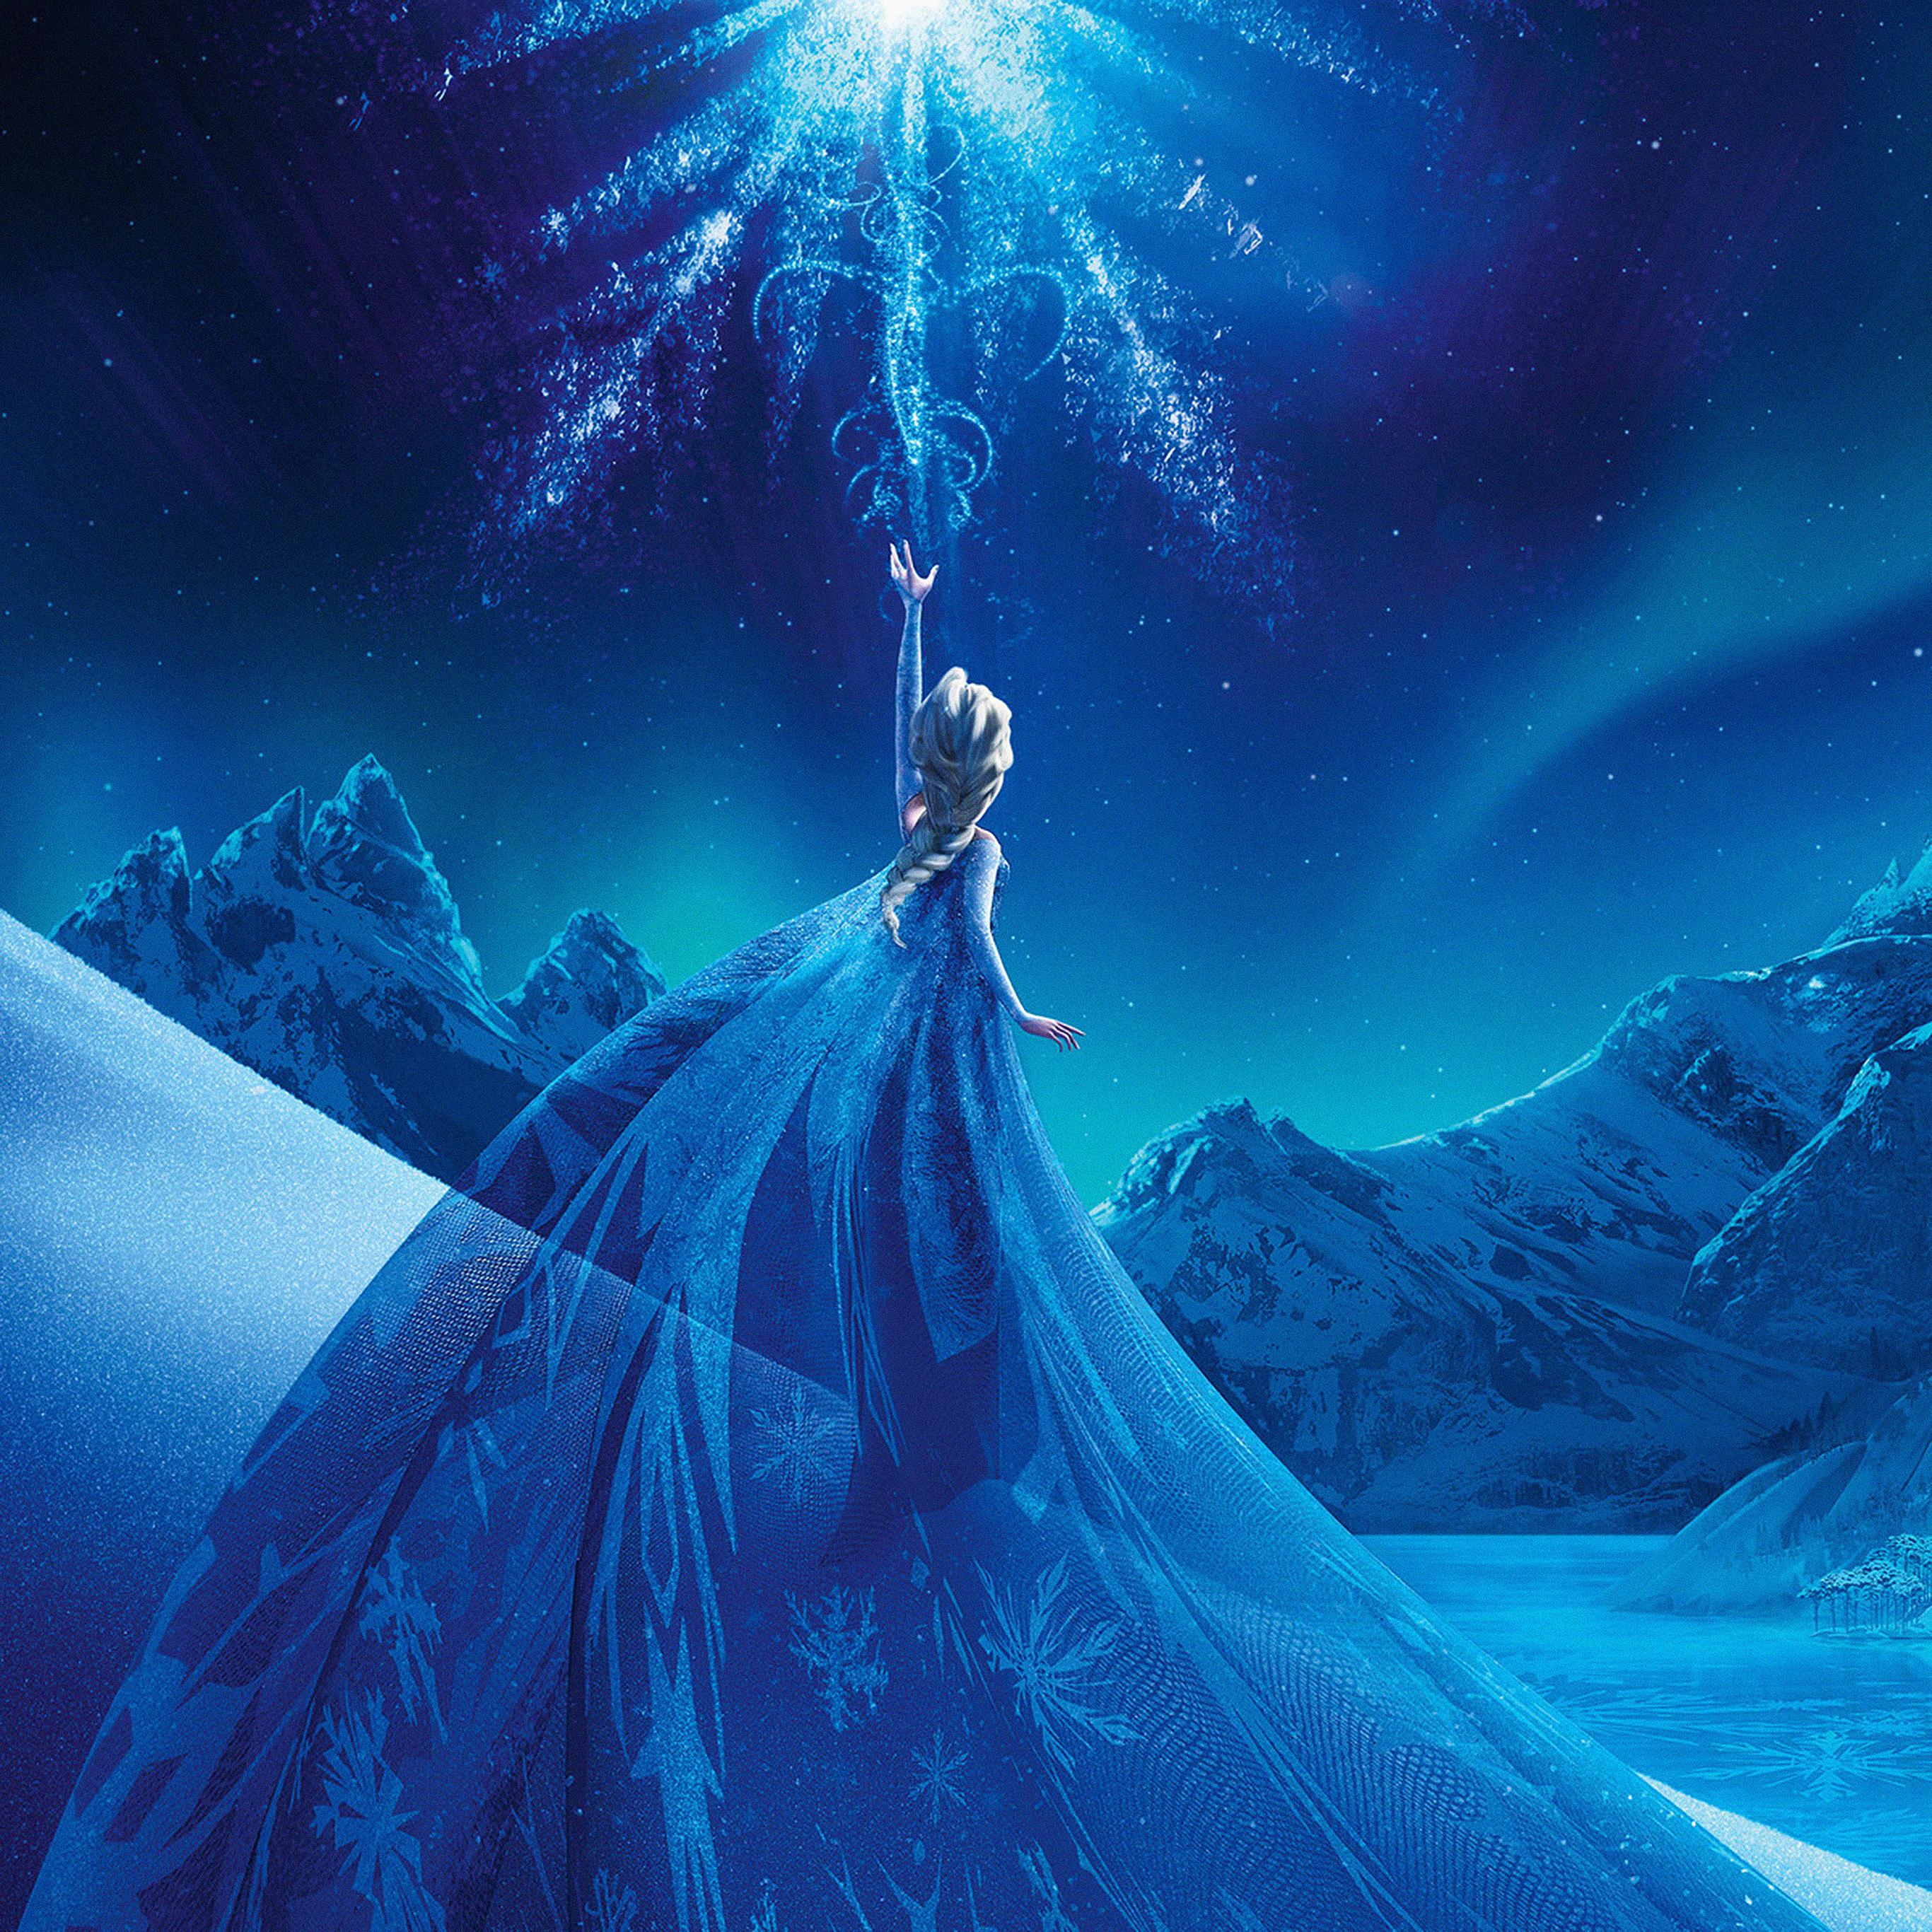 Ac69 Wallpaper Elsa Frozen Queen Disney Illust Snow Art Papers Co